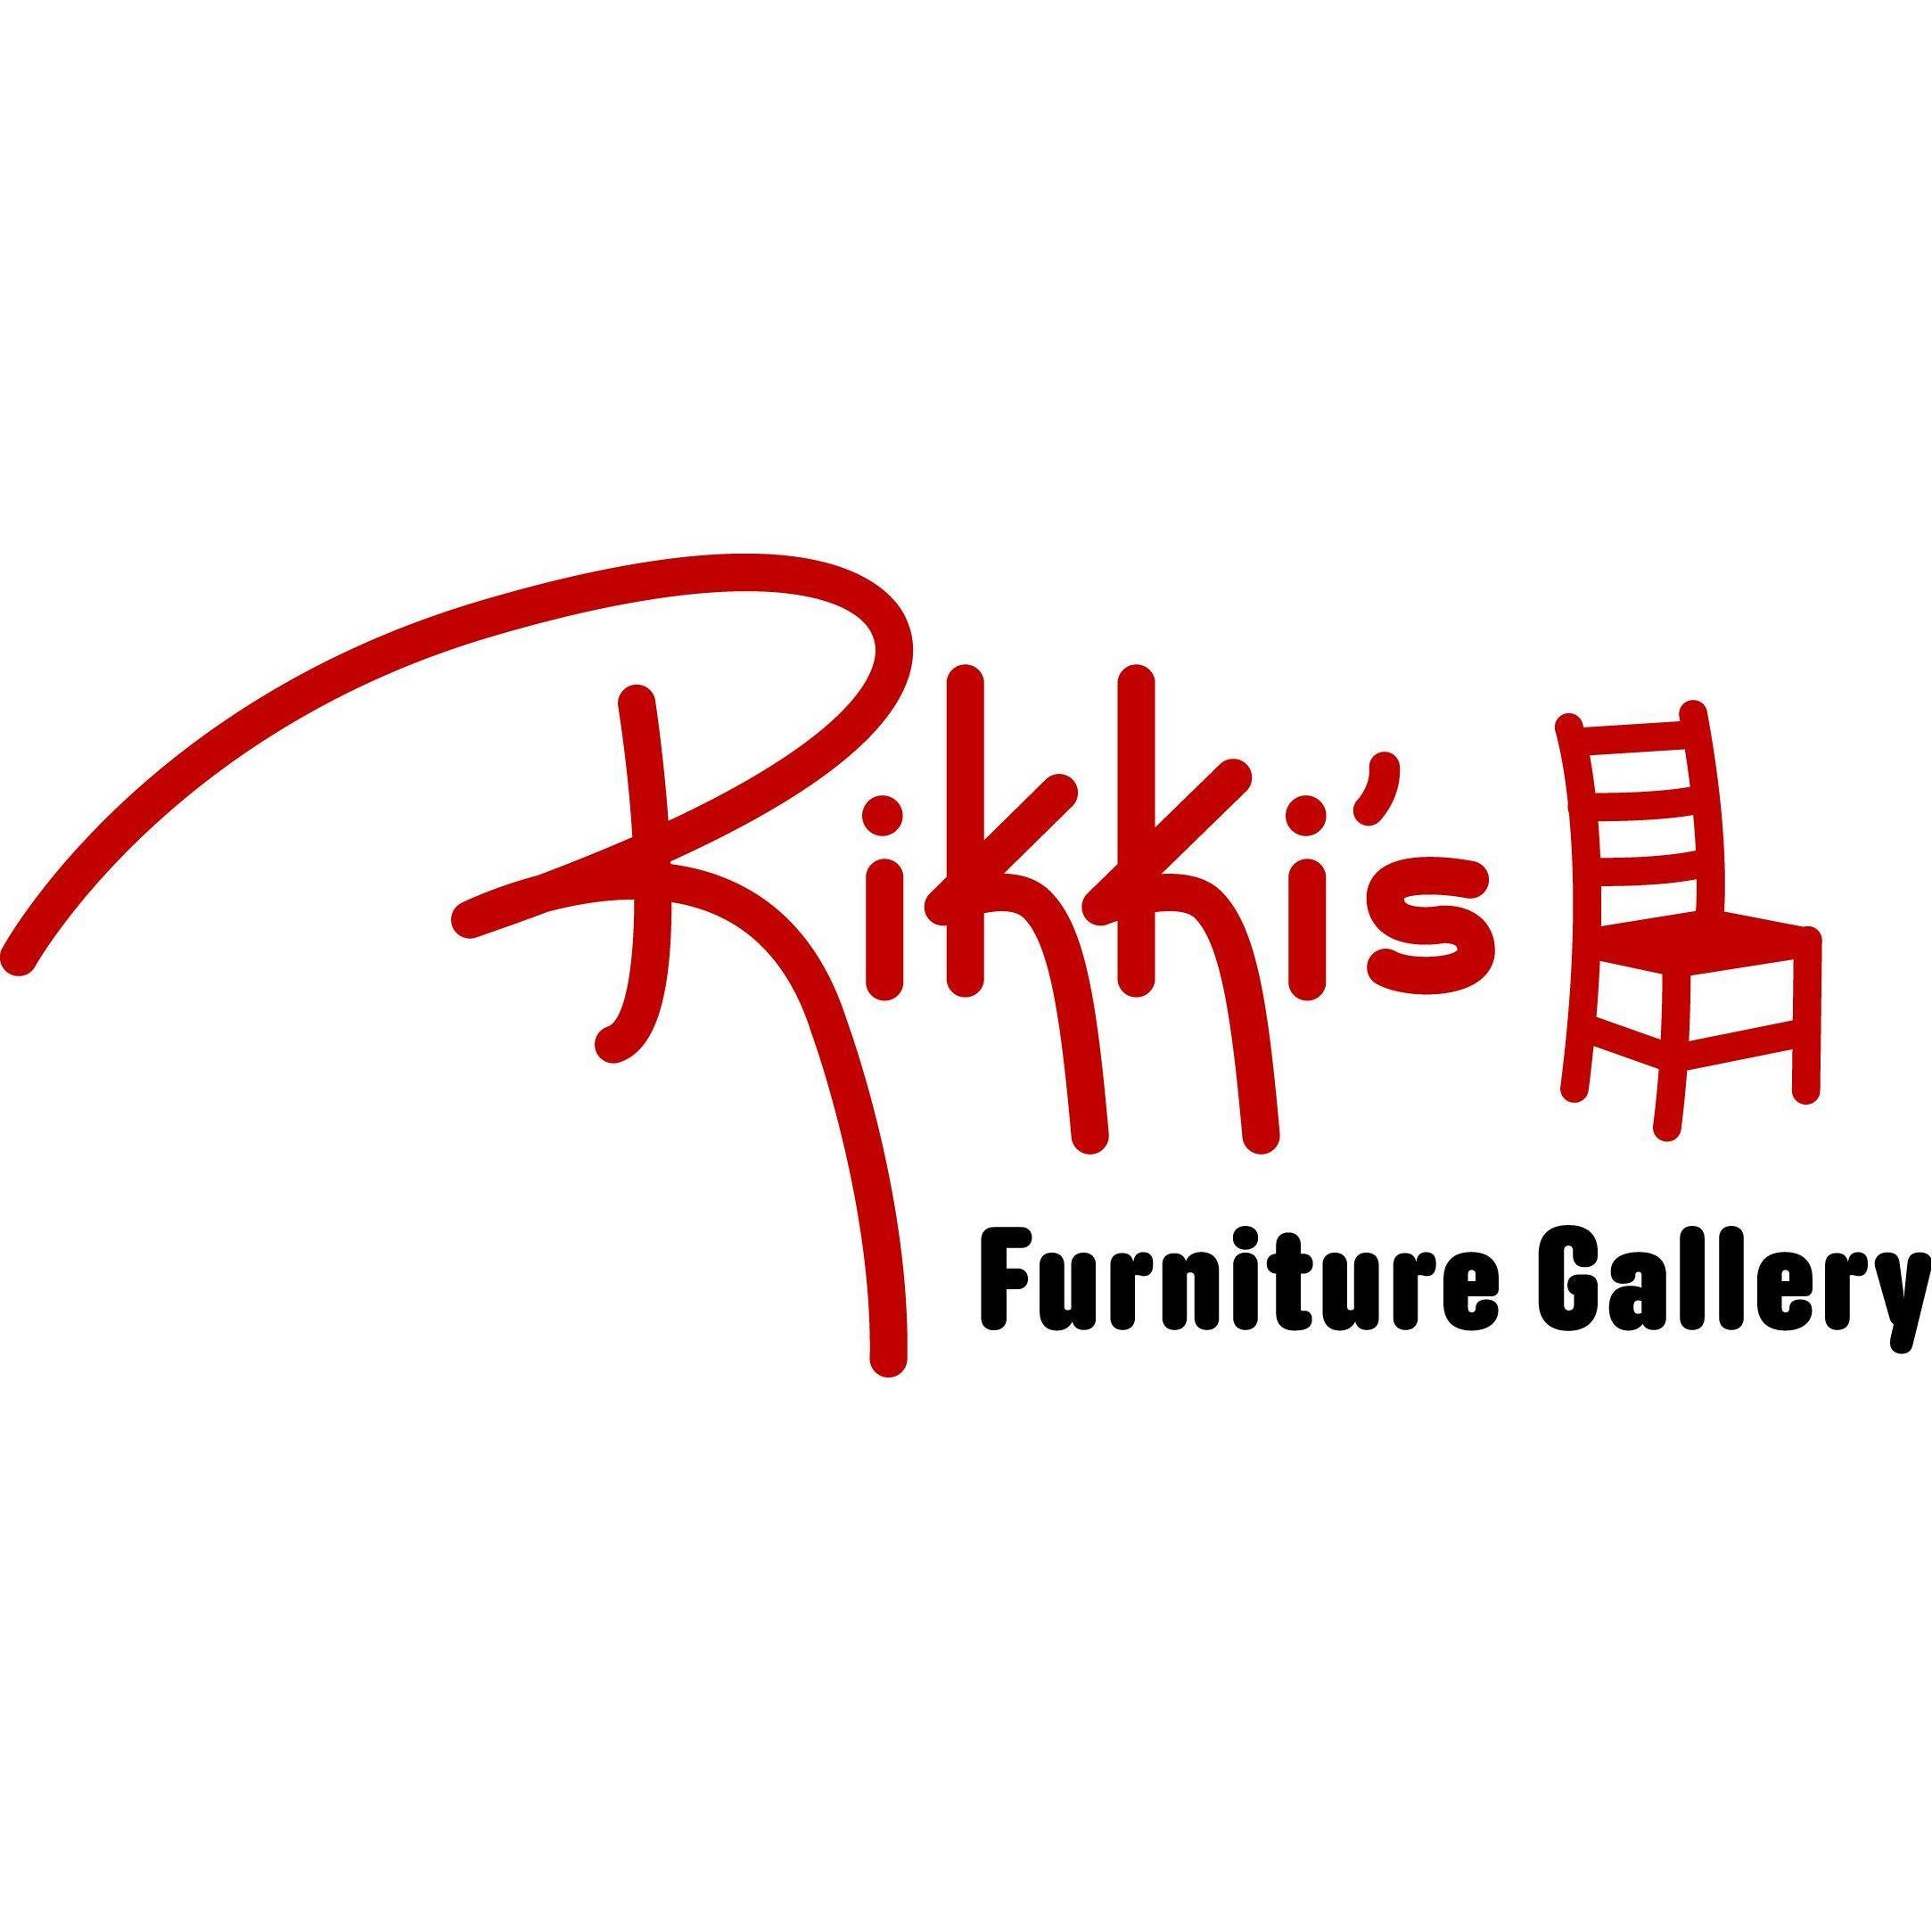 Rikki's Furniture Gallery